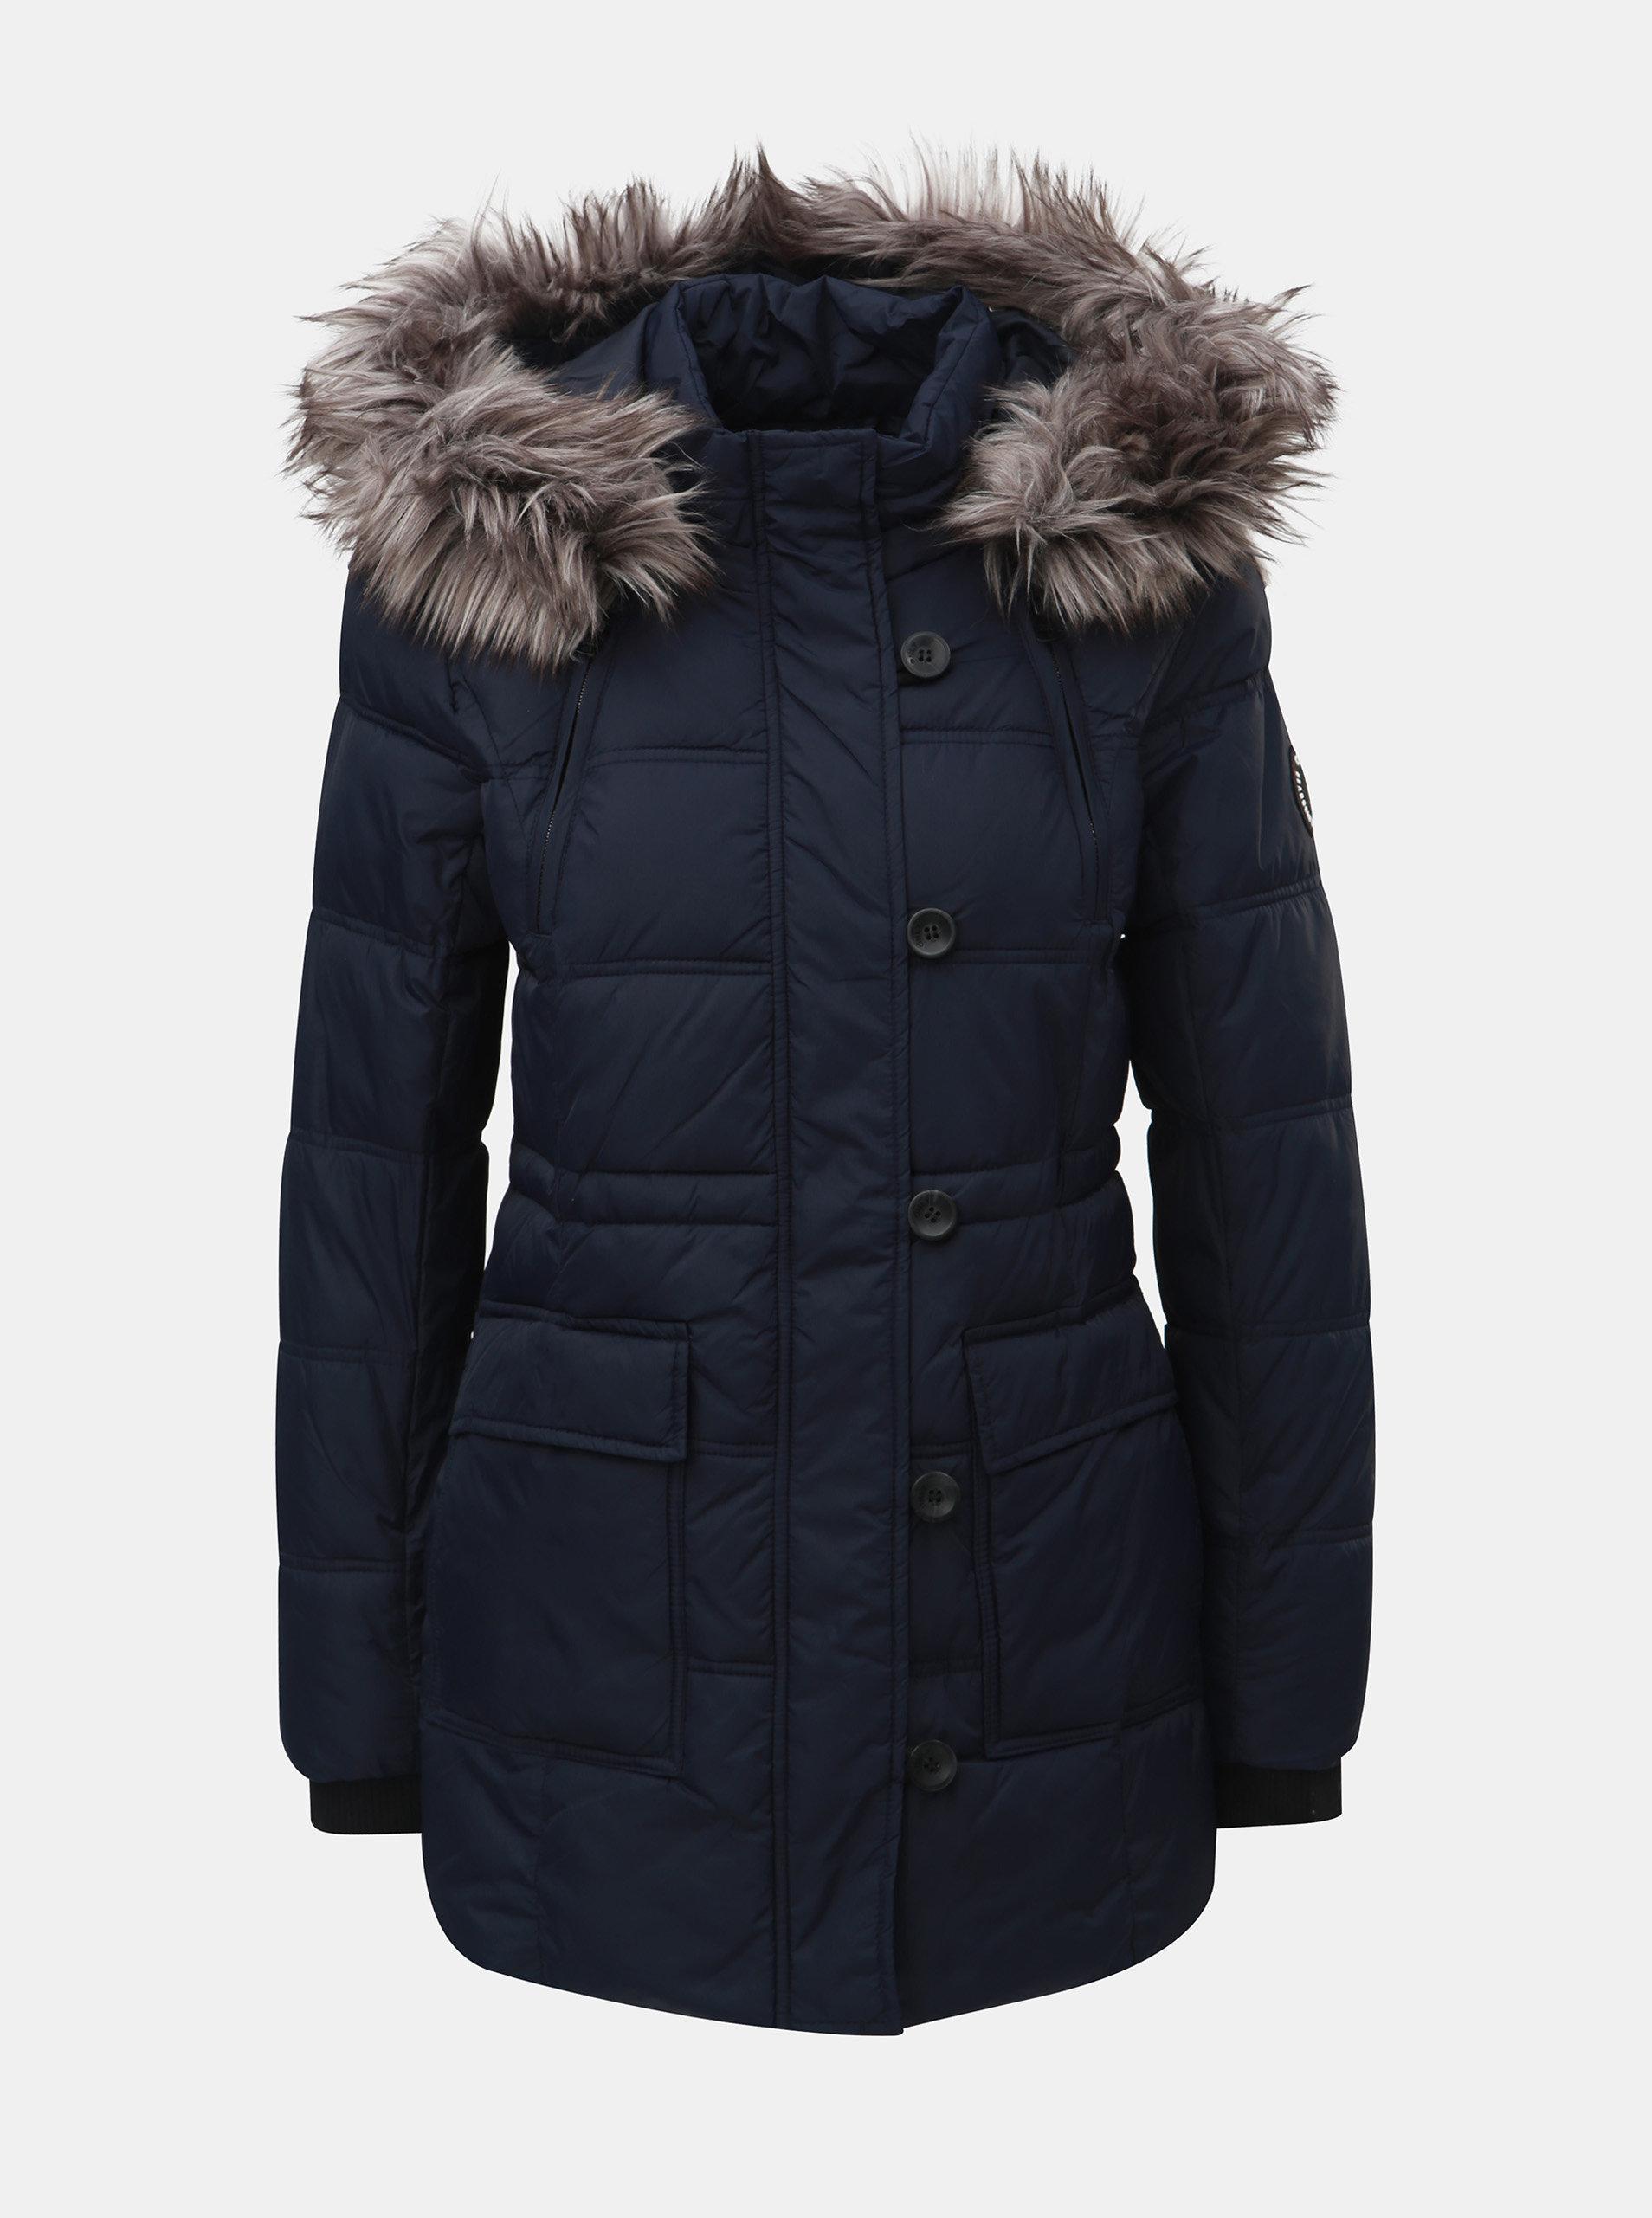 Tmavě modrý prošívaný zimní kabát s odnímatelnou kapucí ONLY Newottowa ... f6ce9c8cee